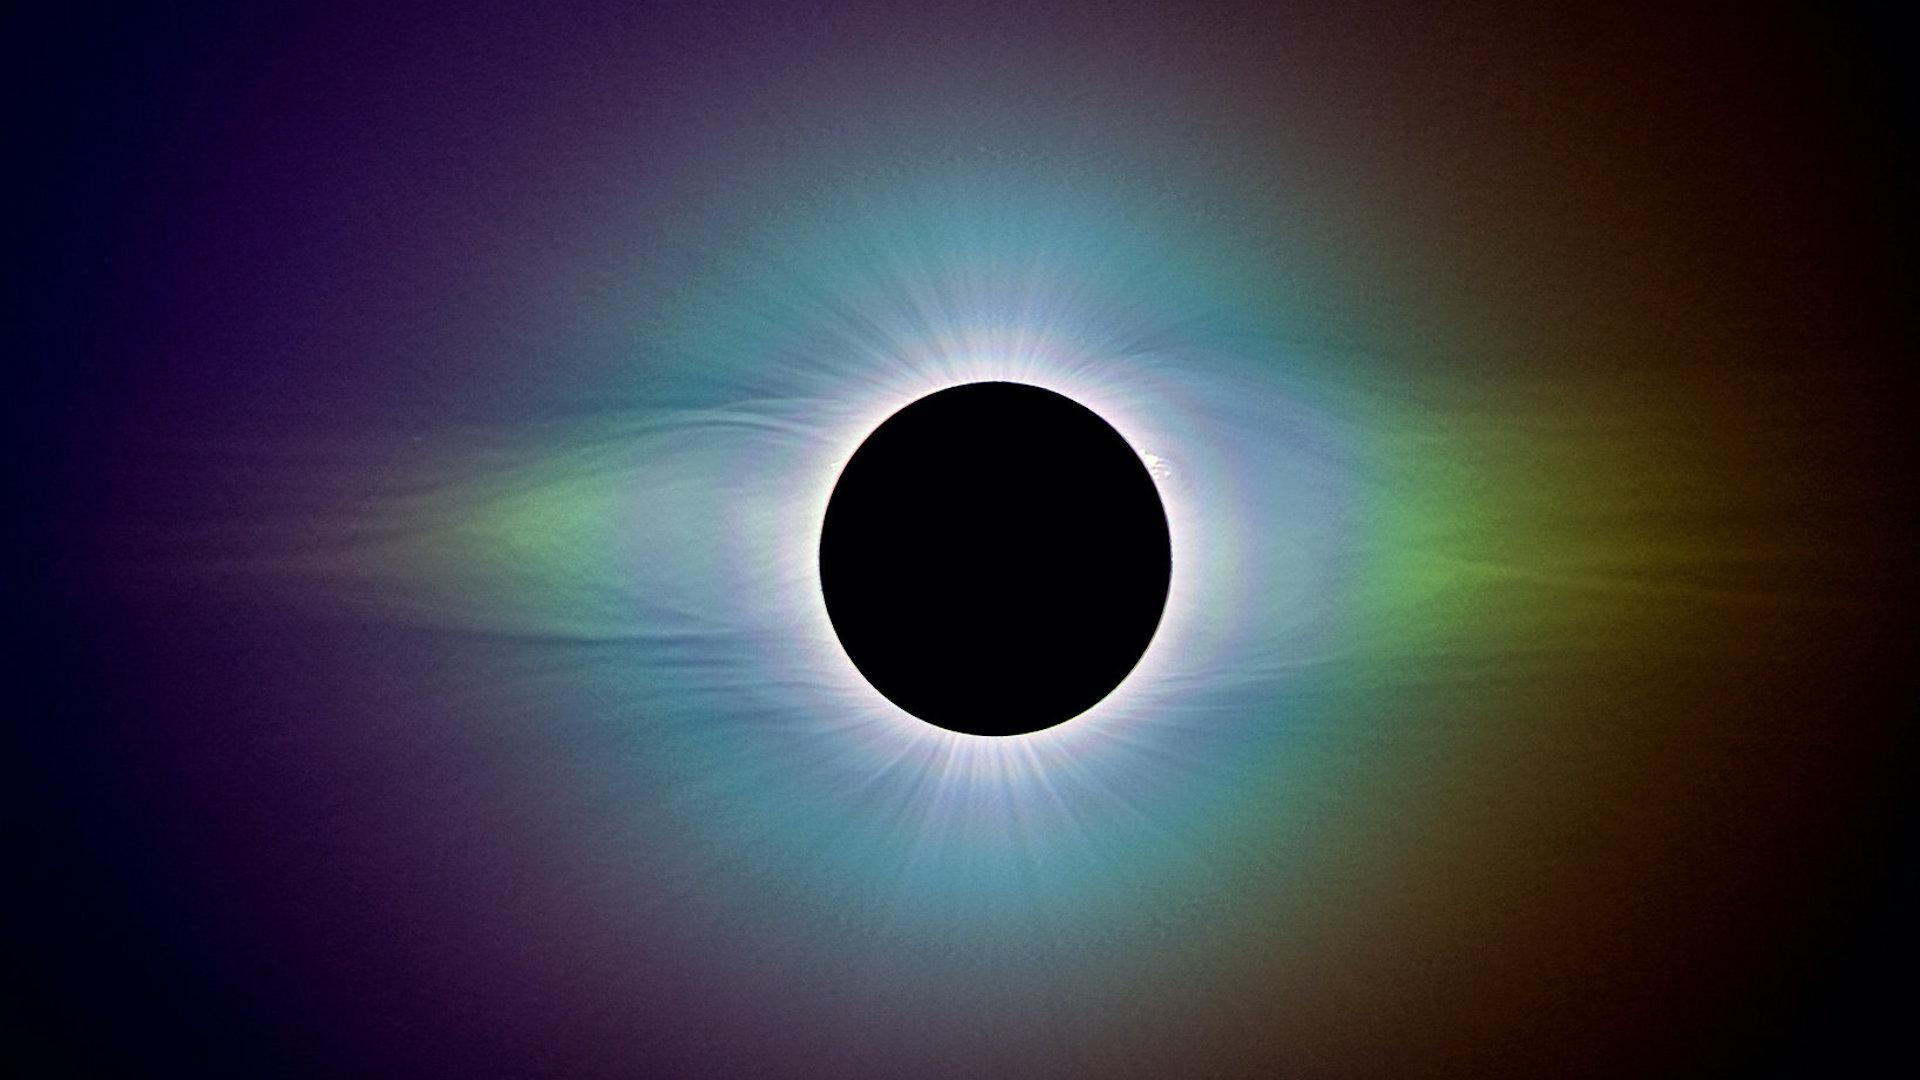 Eclipse solar del 14 de diciembre de 2020: los mejores lugares para verlo